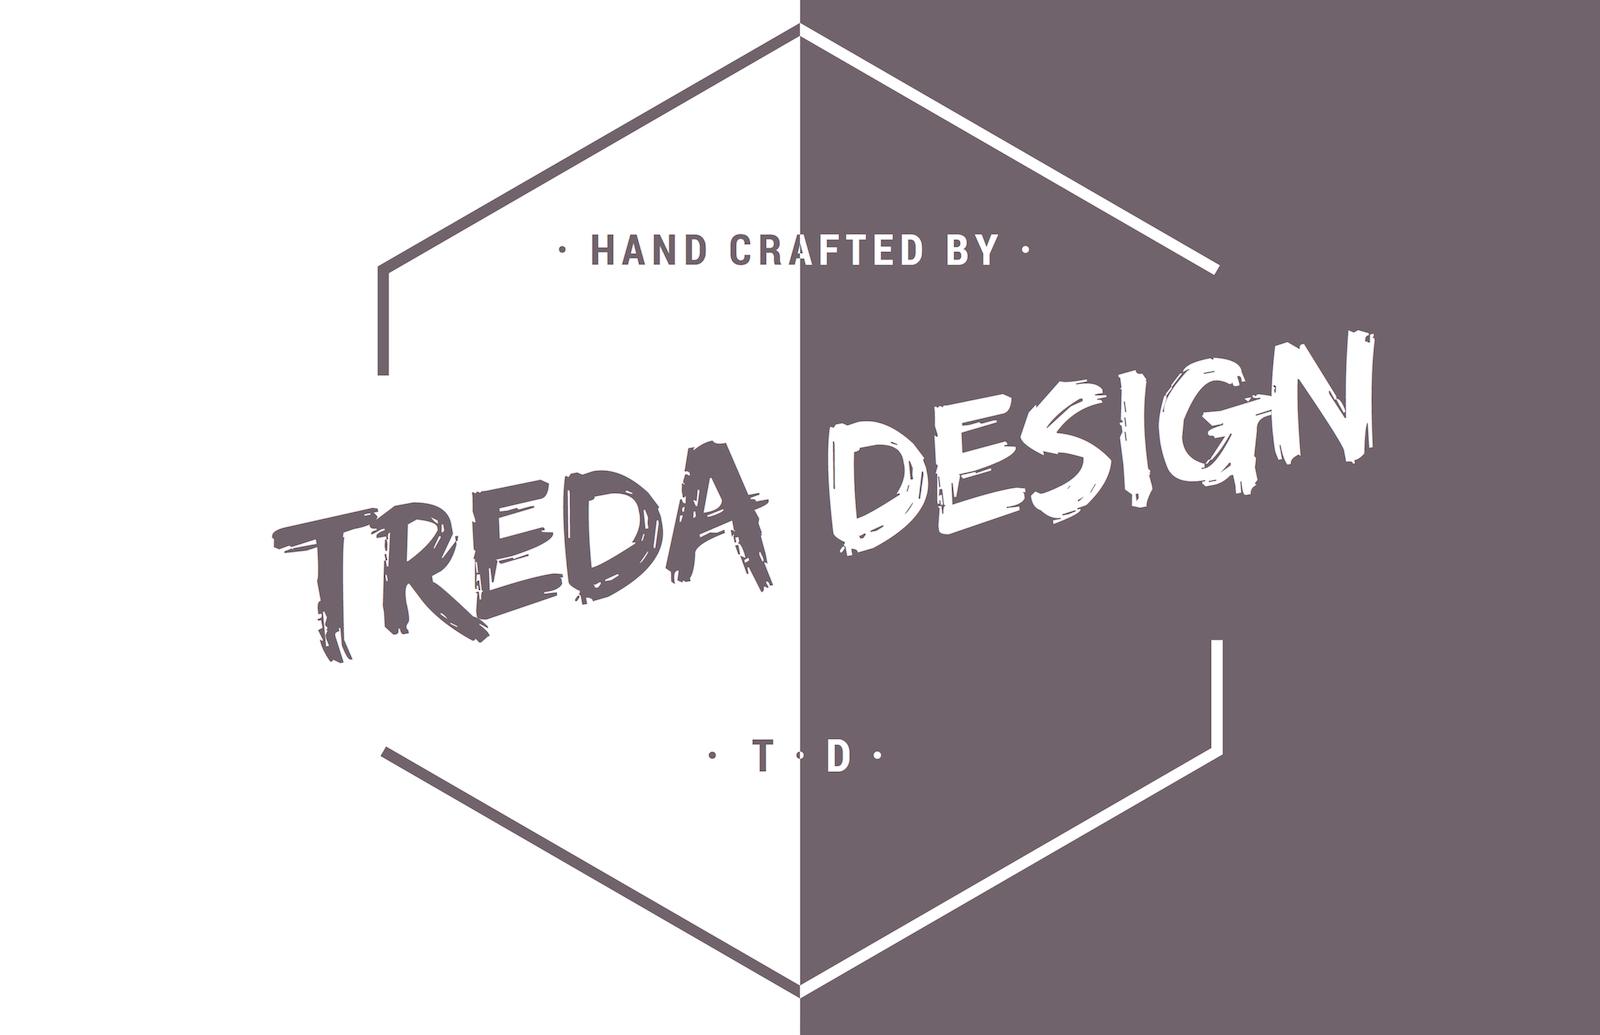 Treda design